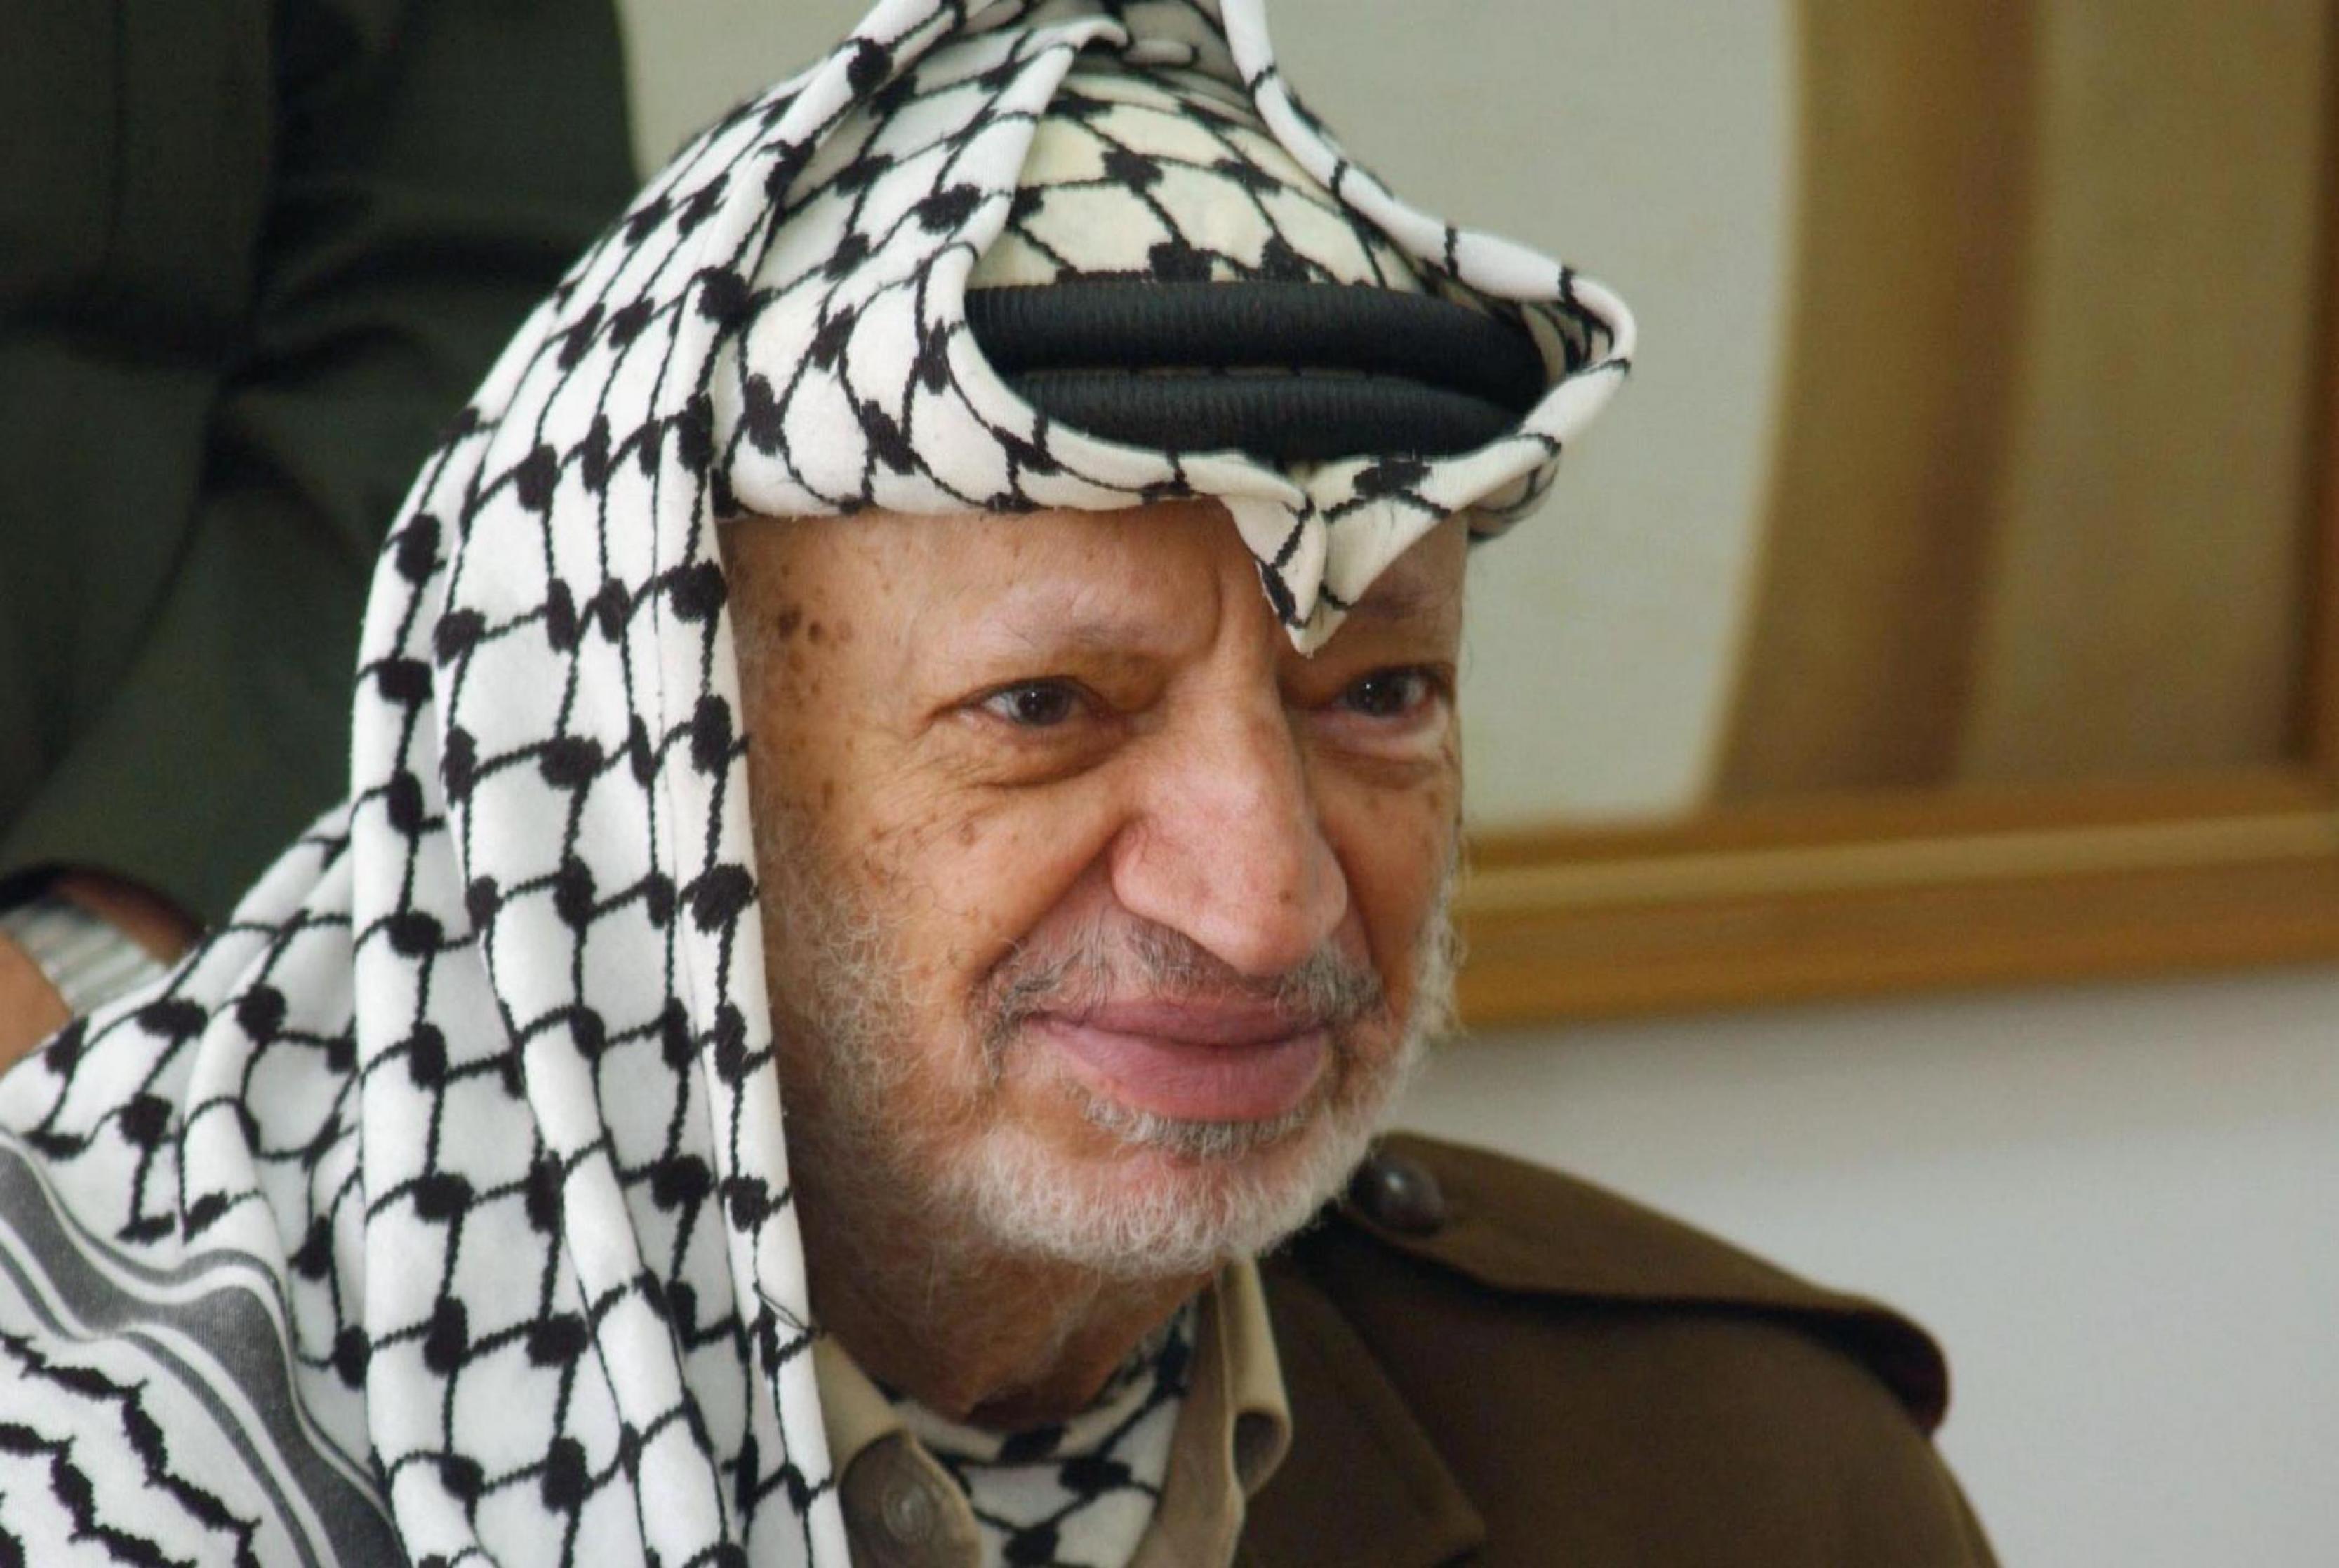 بالصور هل تعلم ان ياسر عرفات يهودي 20160710 704